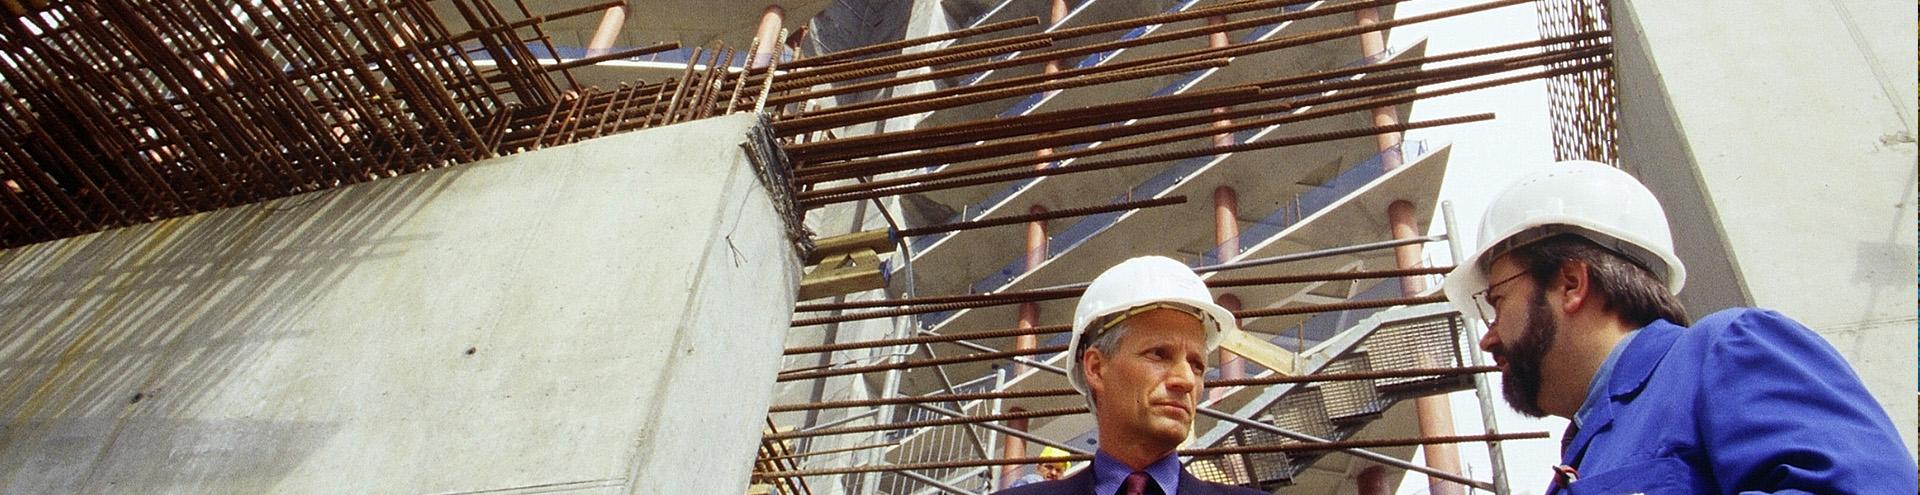 Юрист по долевому строительству в Чебоксарах и Чувашской Республике